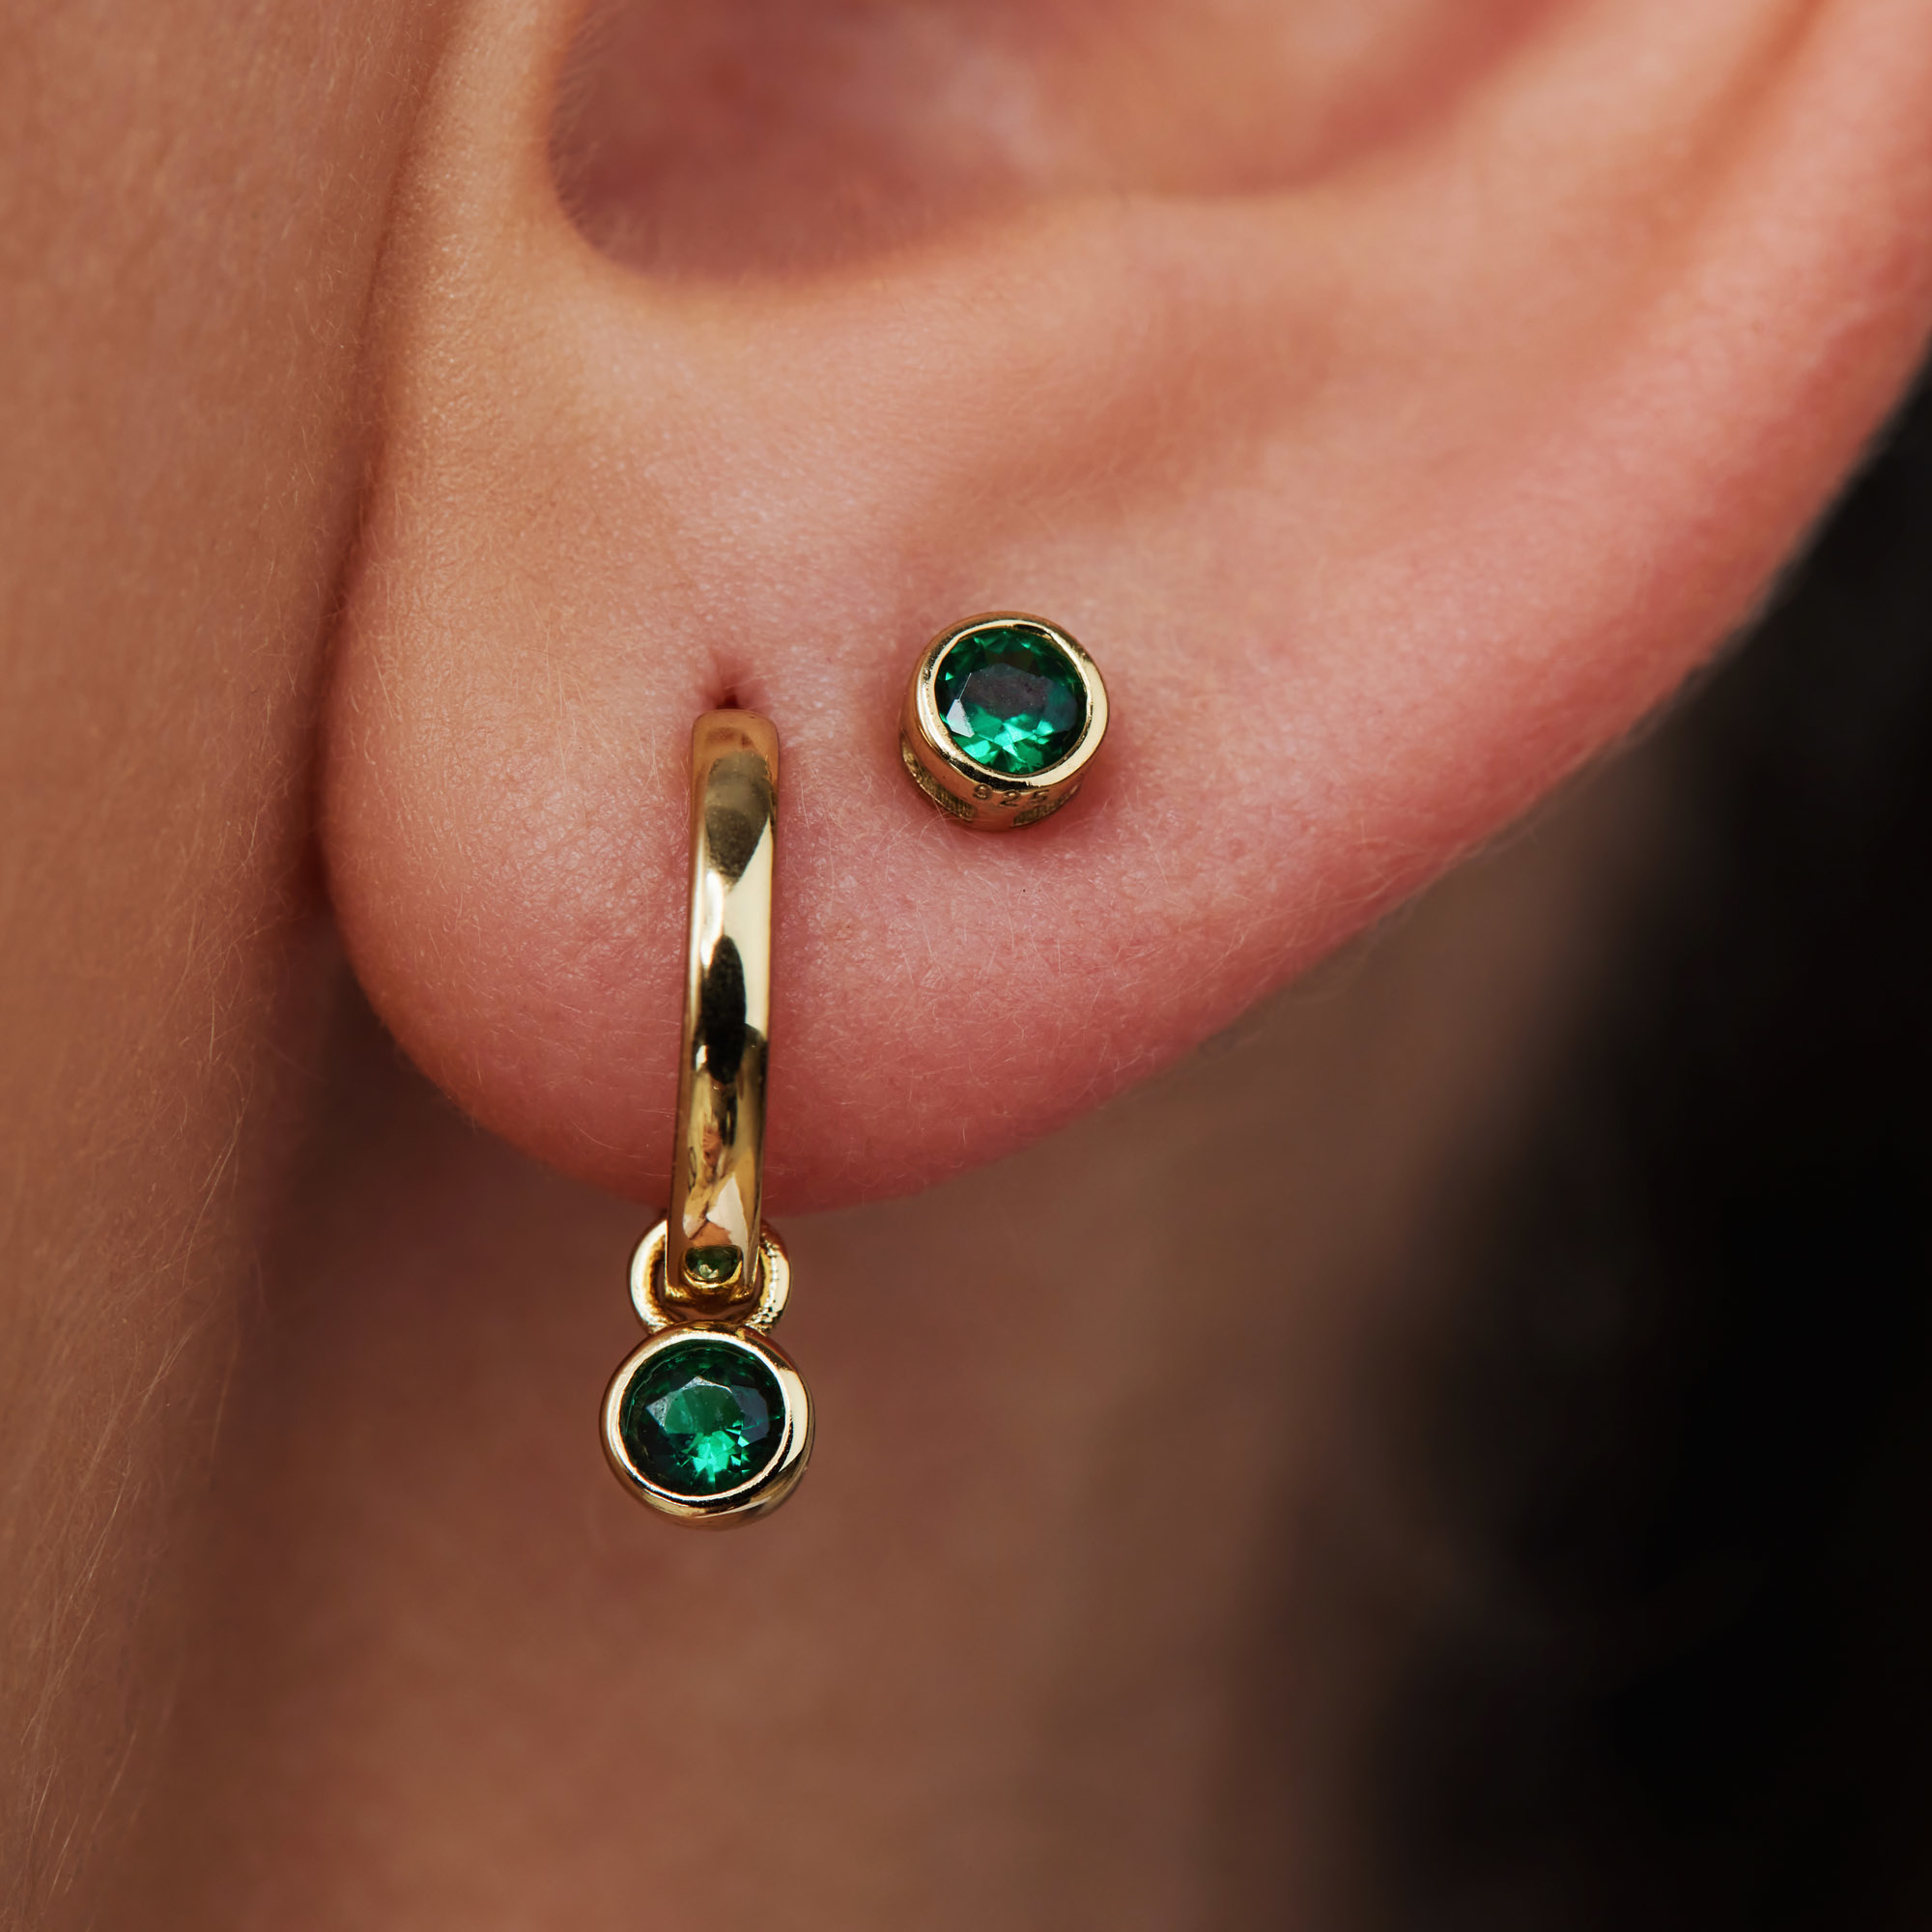 Violet Hamden Venus 925 sterling silver gold colored hoop earrings with birthstone